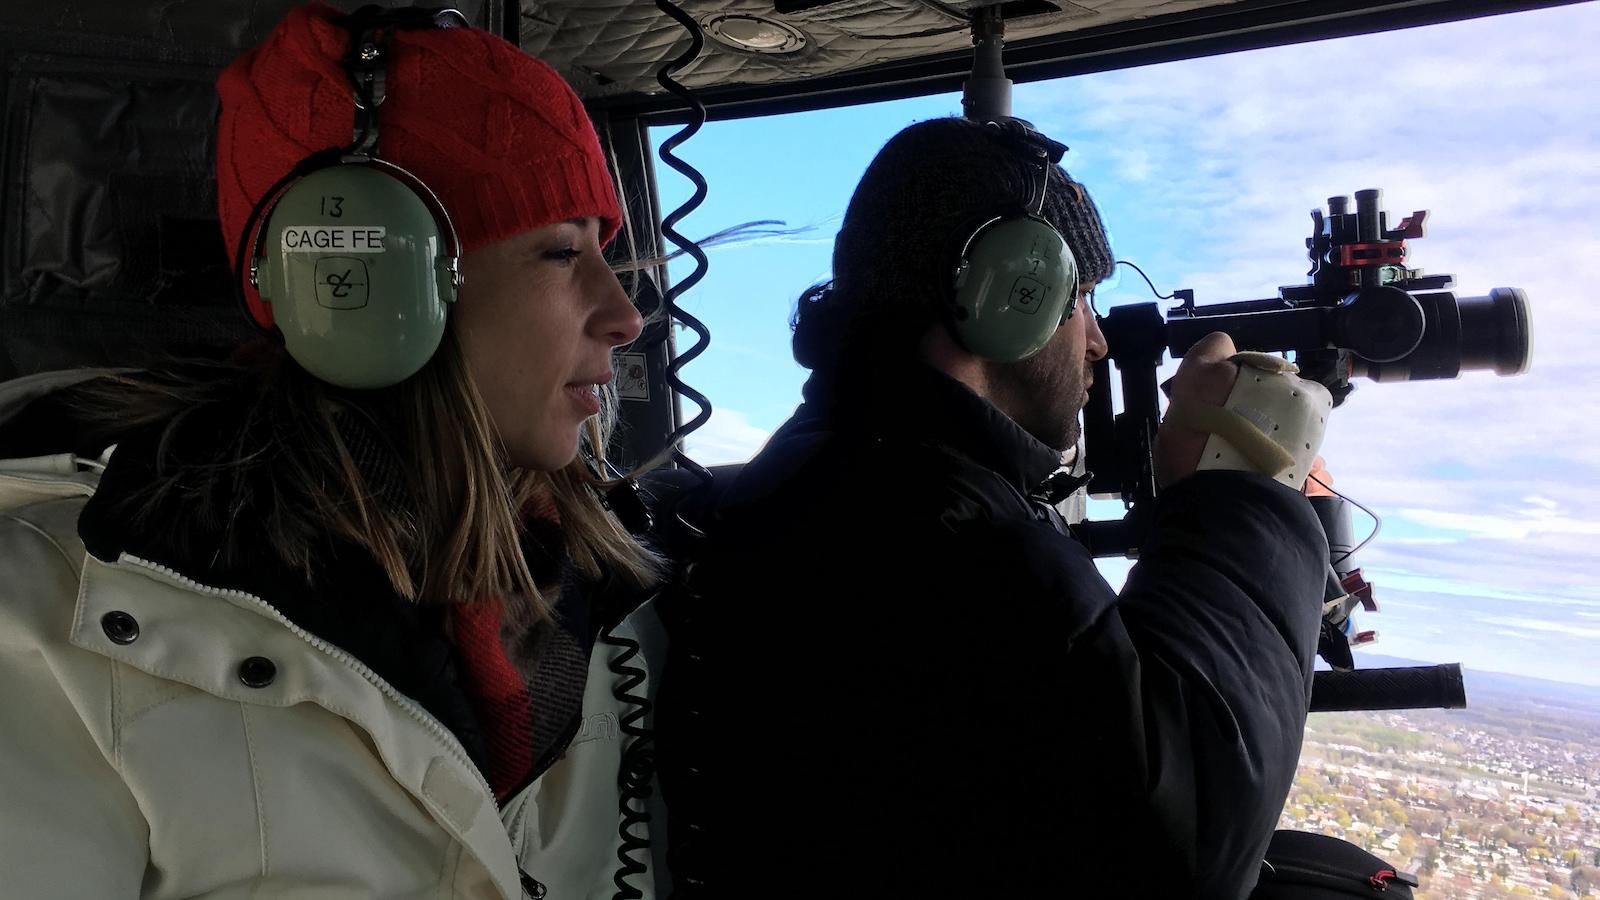 La journaliste Julie Marceau et le caméraman Jérôme Voyer-Poirier à bord d'un hélicoptère des Forces armées canadiennes